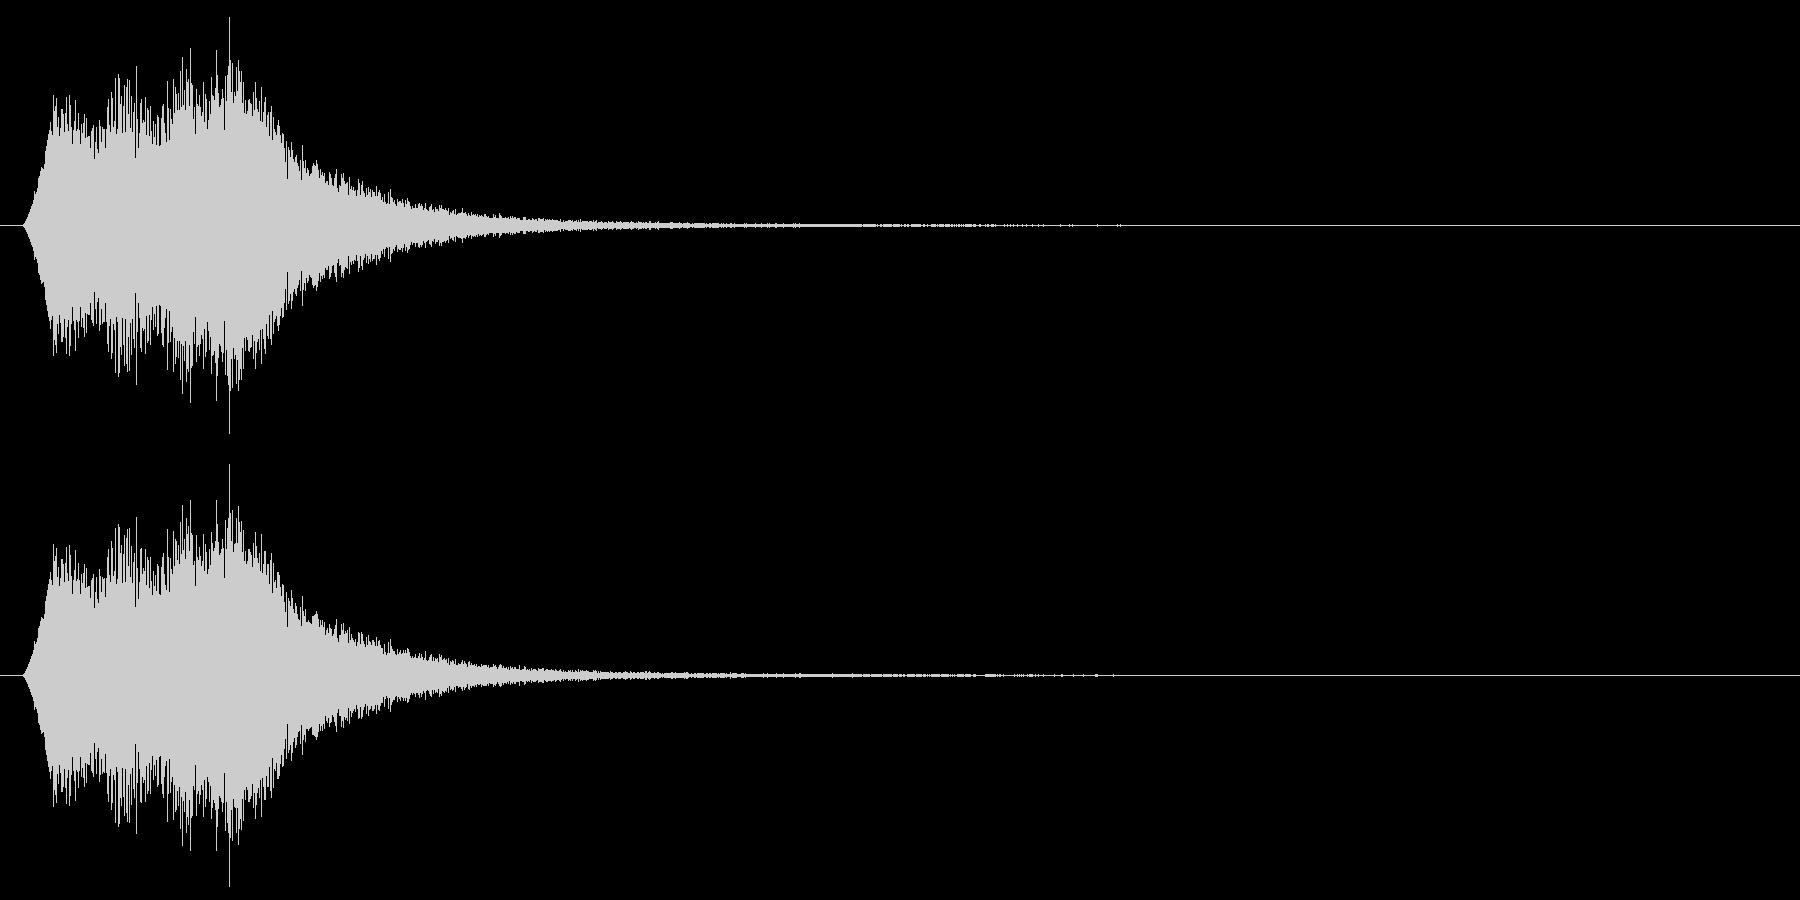 場面転換/ワープ/転送装置の未再生の波形